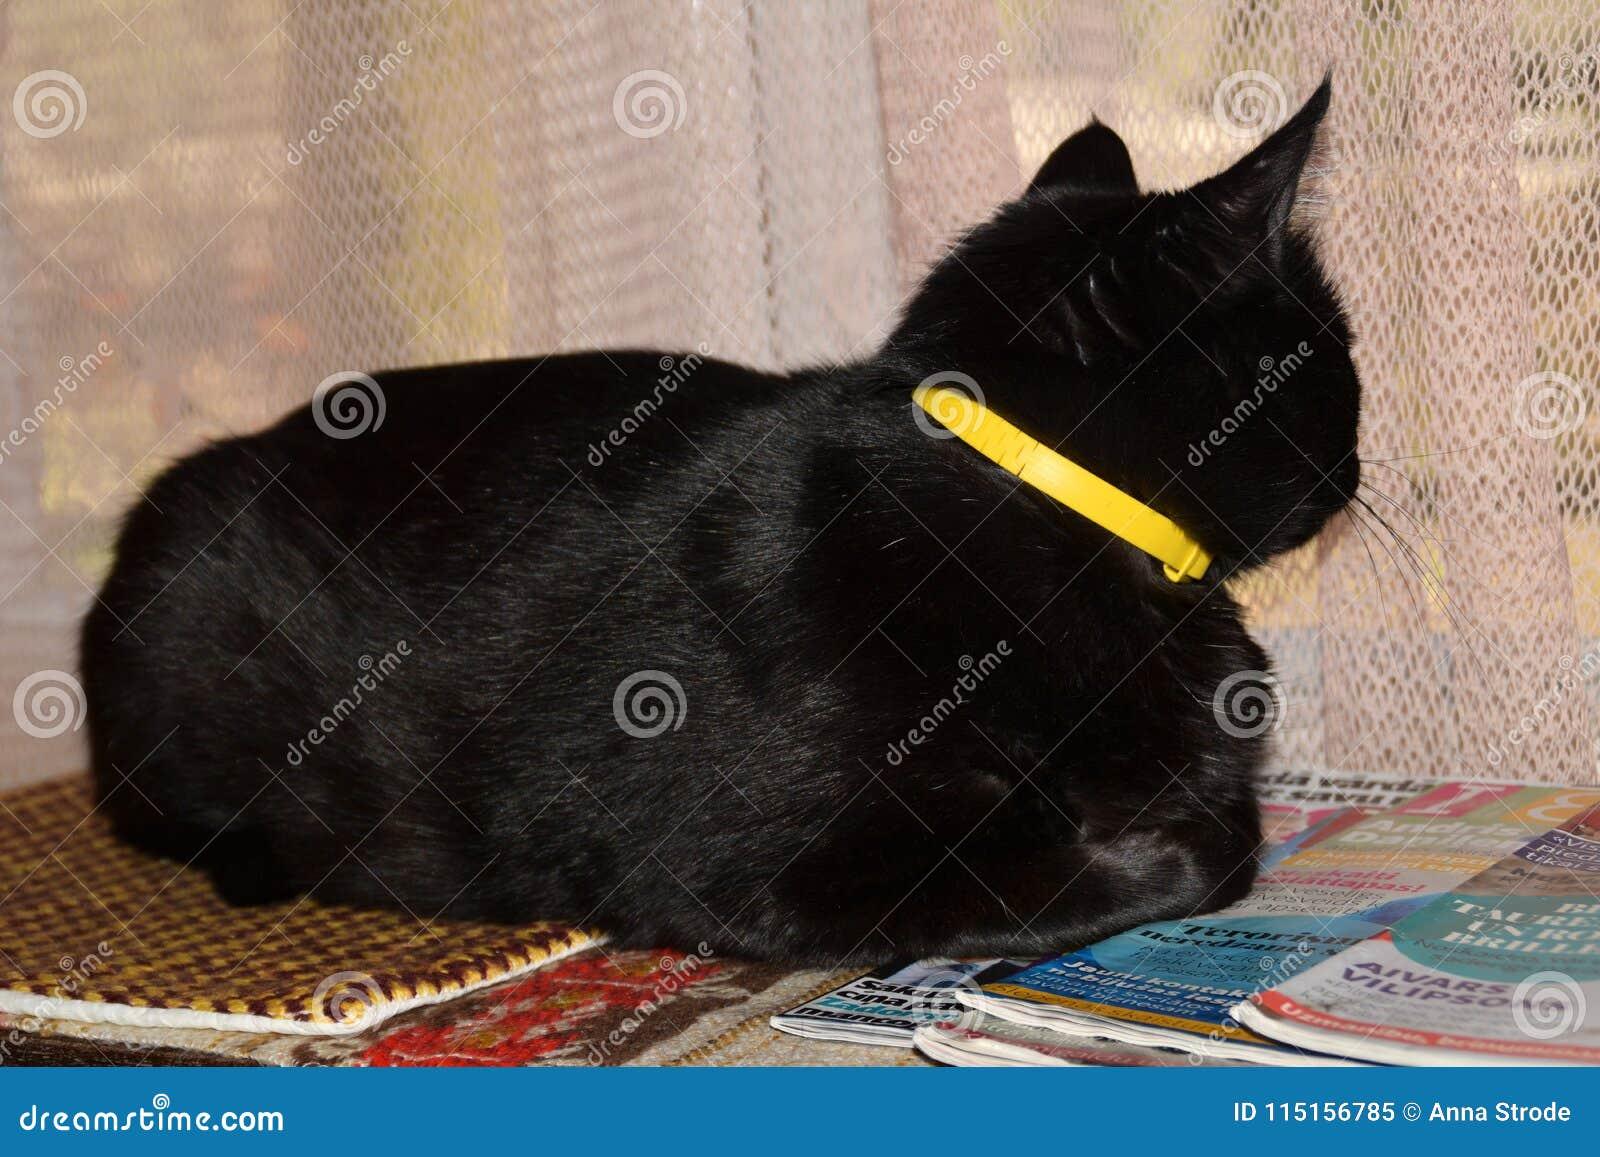 Gato leal que espera a su dueño para volver a casa